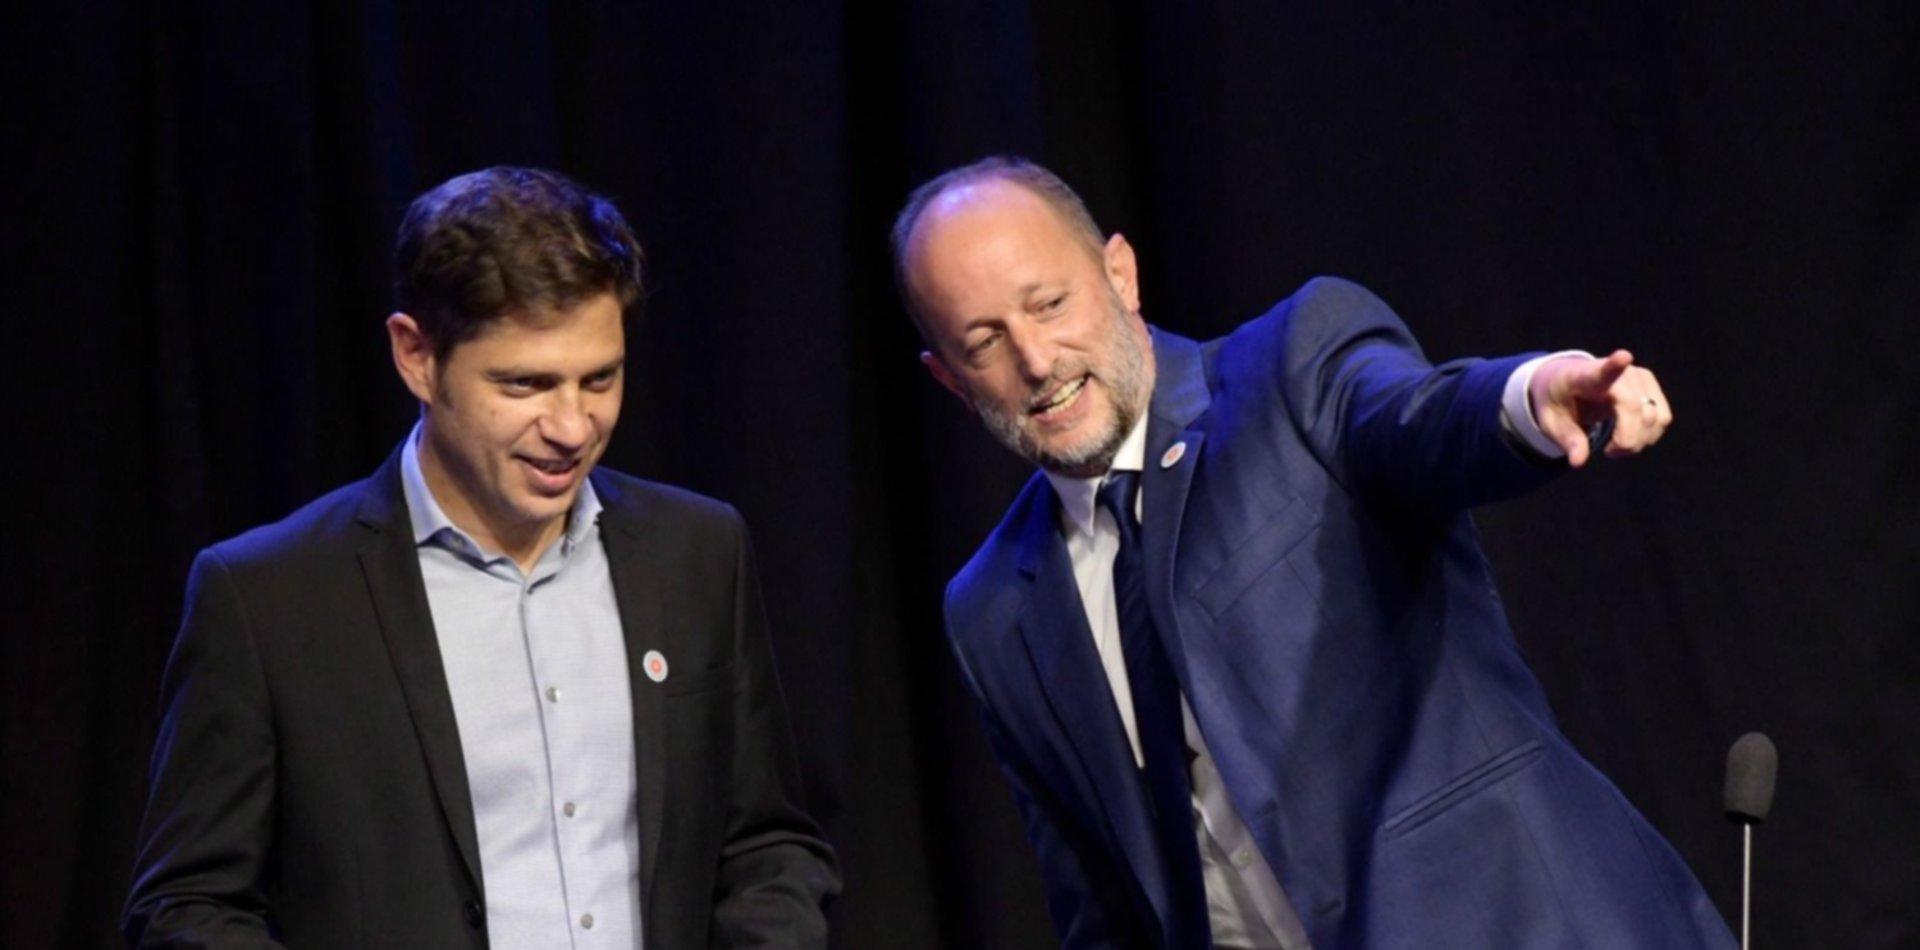 Axel Kicillof sigue con los cambios en su equipo y empodera a los intendentes